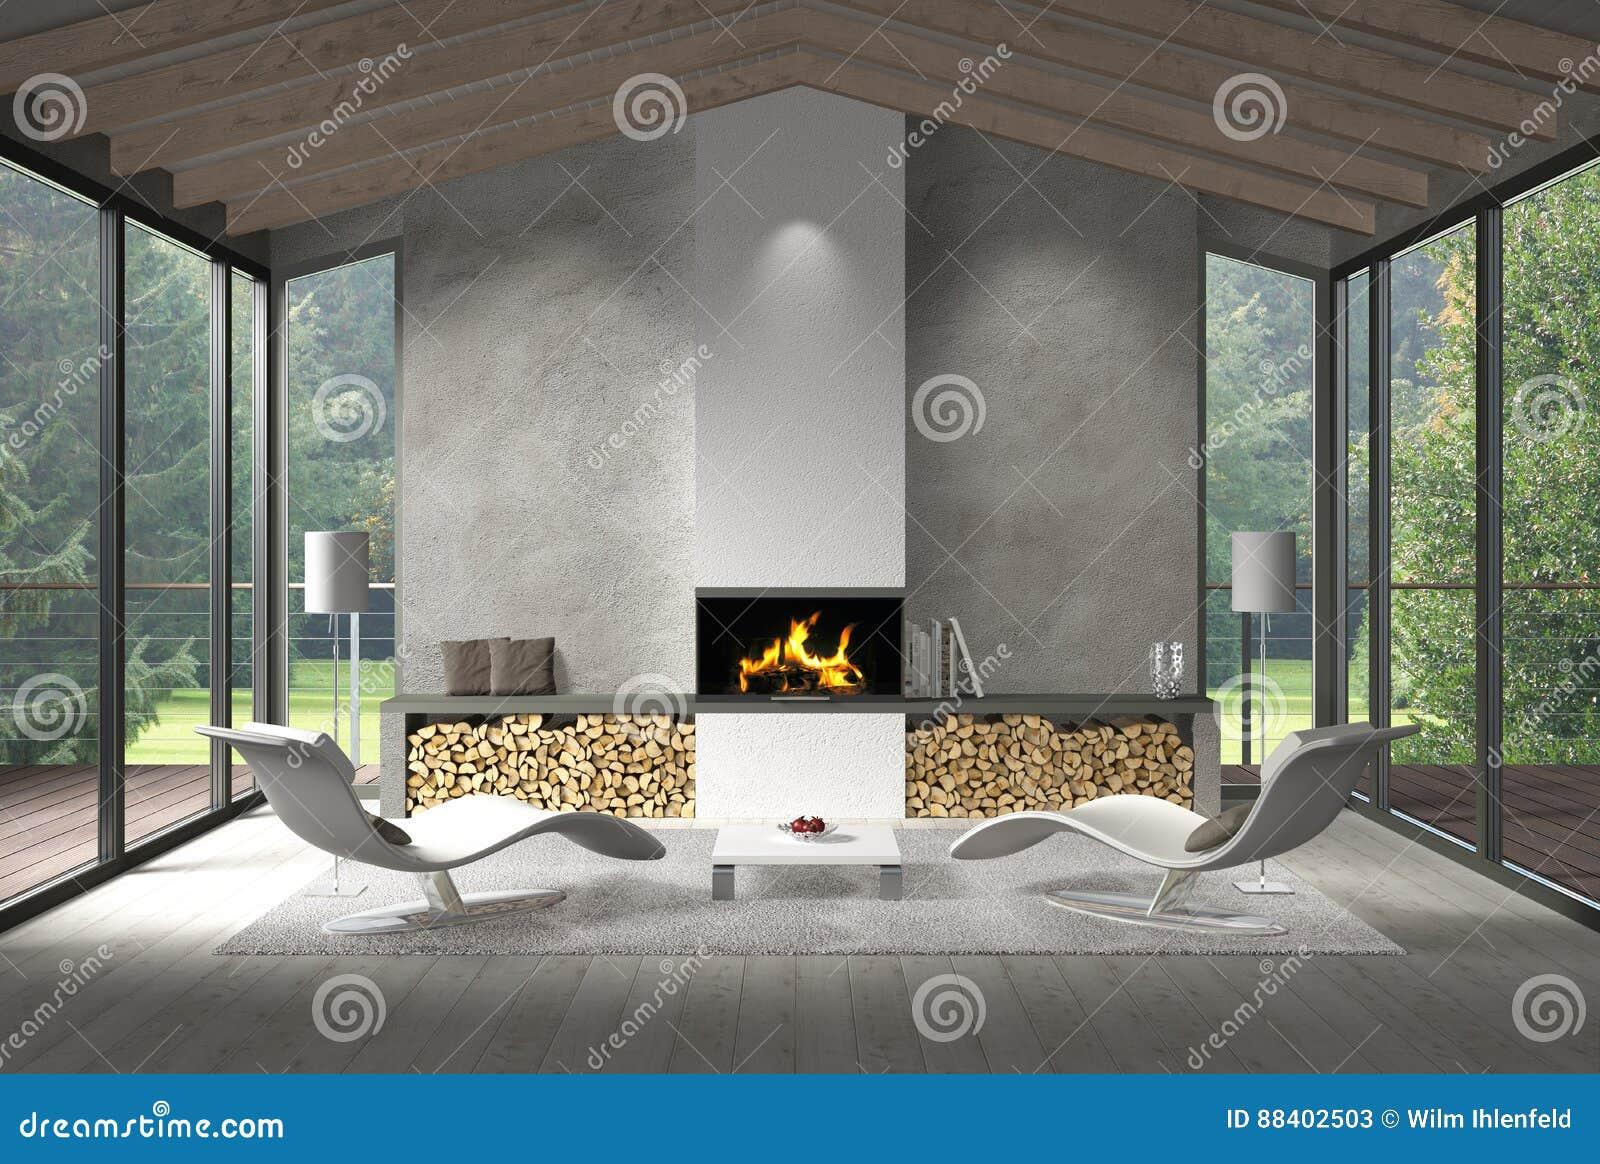 Zeitgenössisches Wohnzimmer Mit Glasfront Und Garten Stock Abbildung ...